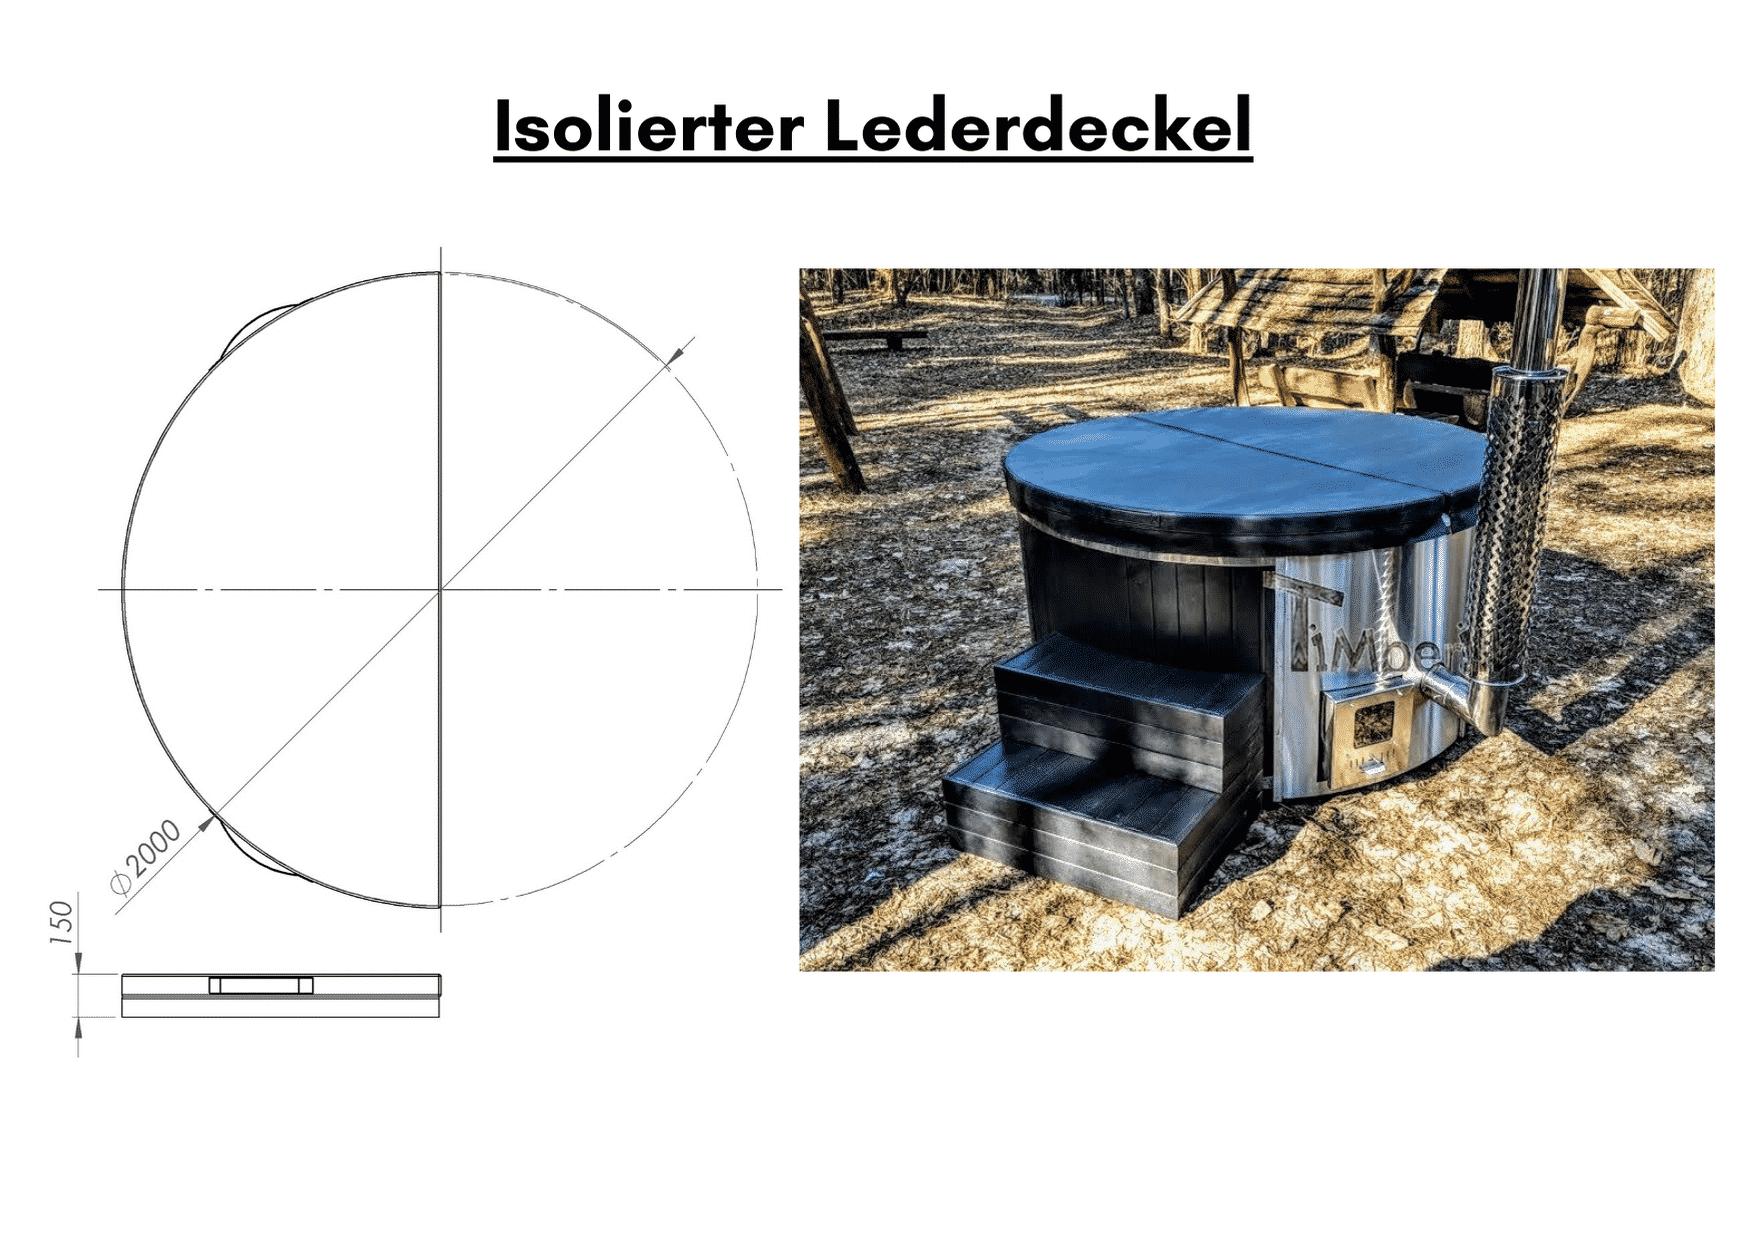 Schwarz Isolierter Lederdeckel für Whirlpool im Freien mit Smart Pelletofen